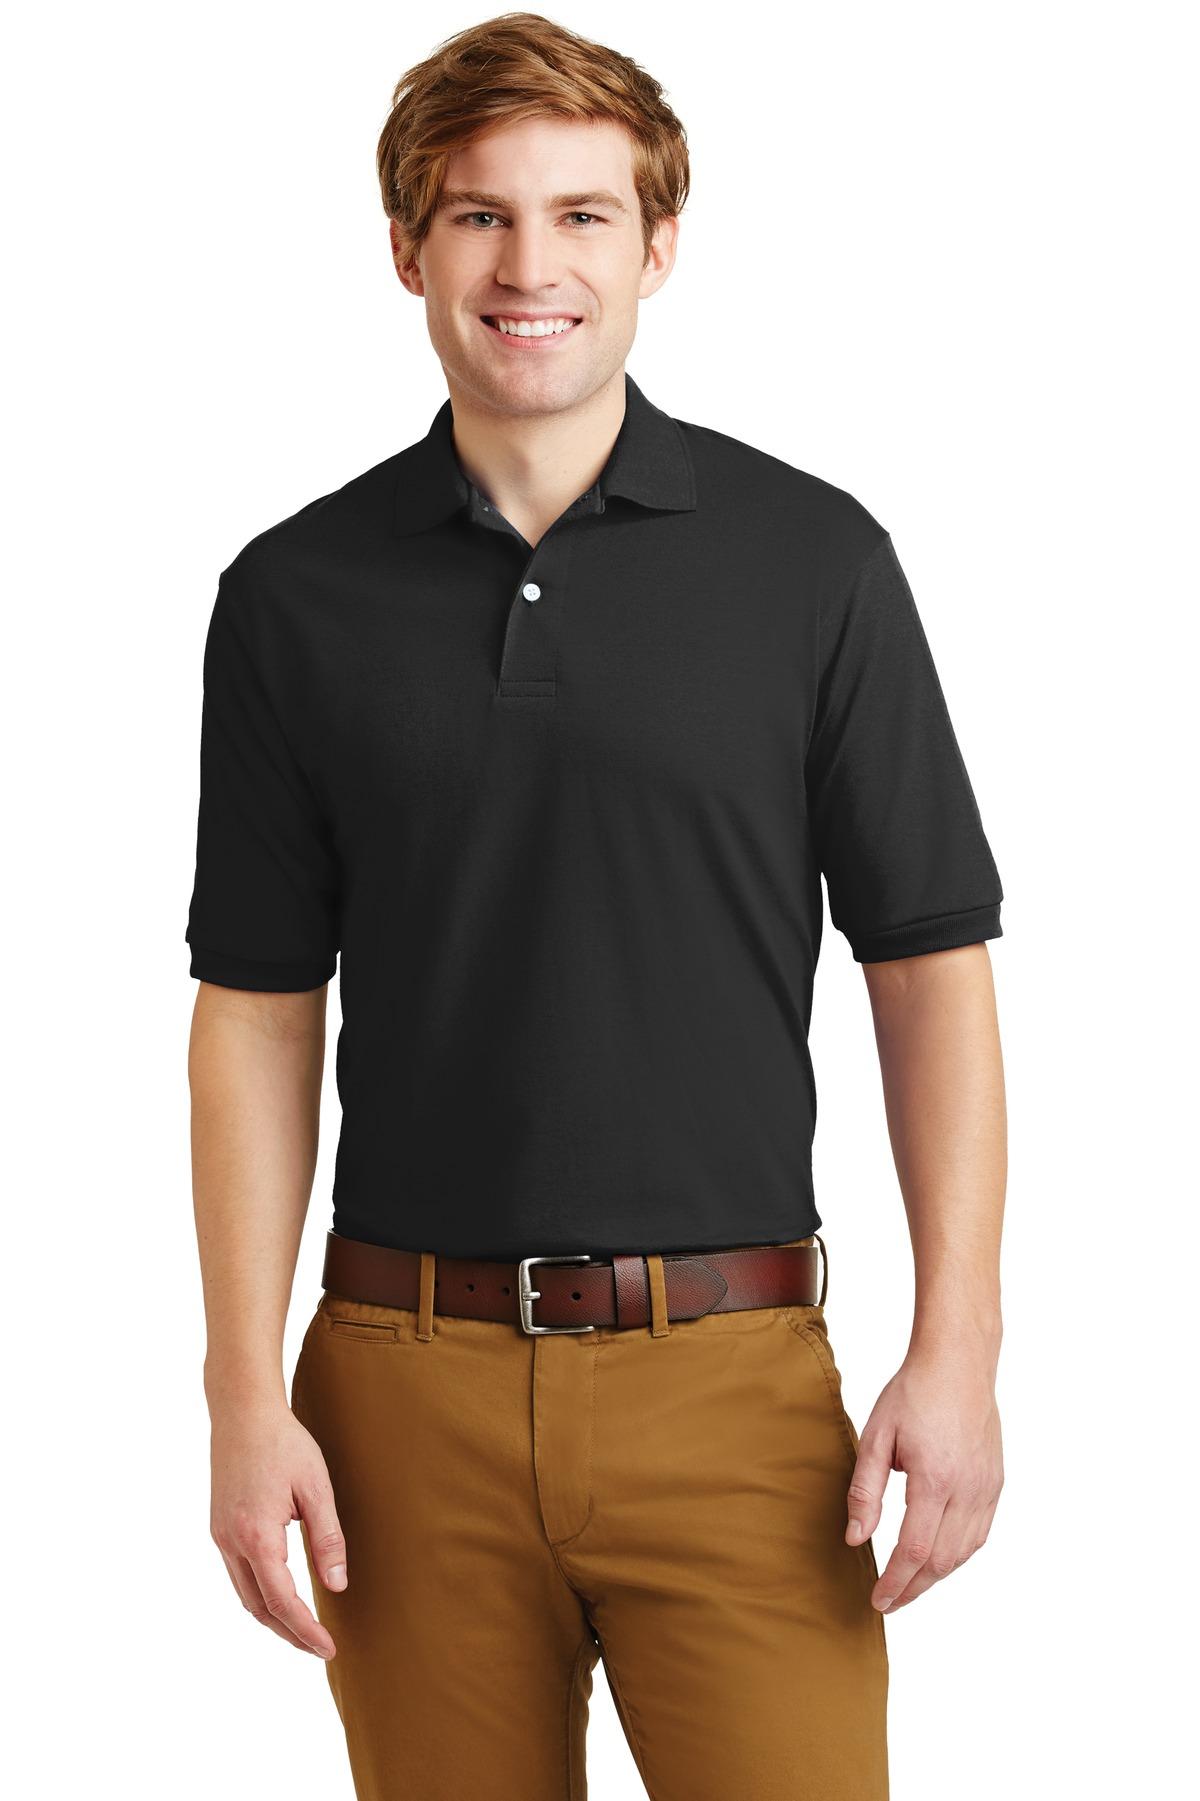 Jerzees® - SpotShield 5.6-Ounce Jersey Knit Sport Shirt.-Jerzees